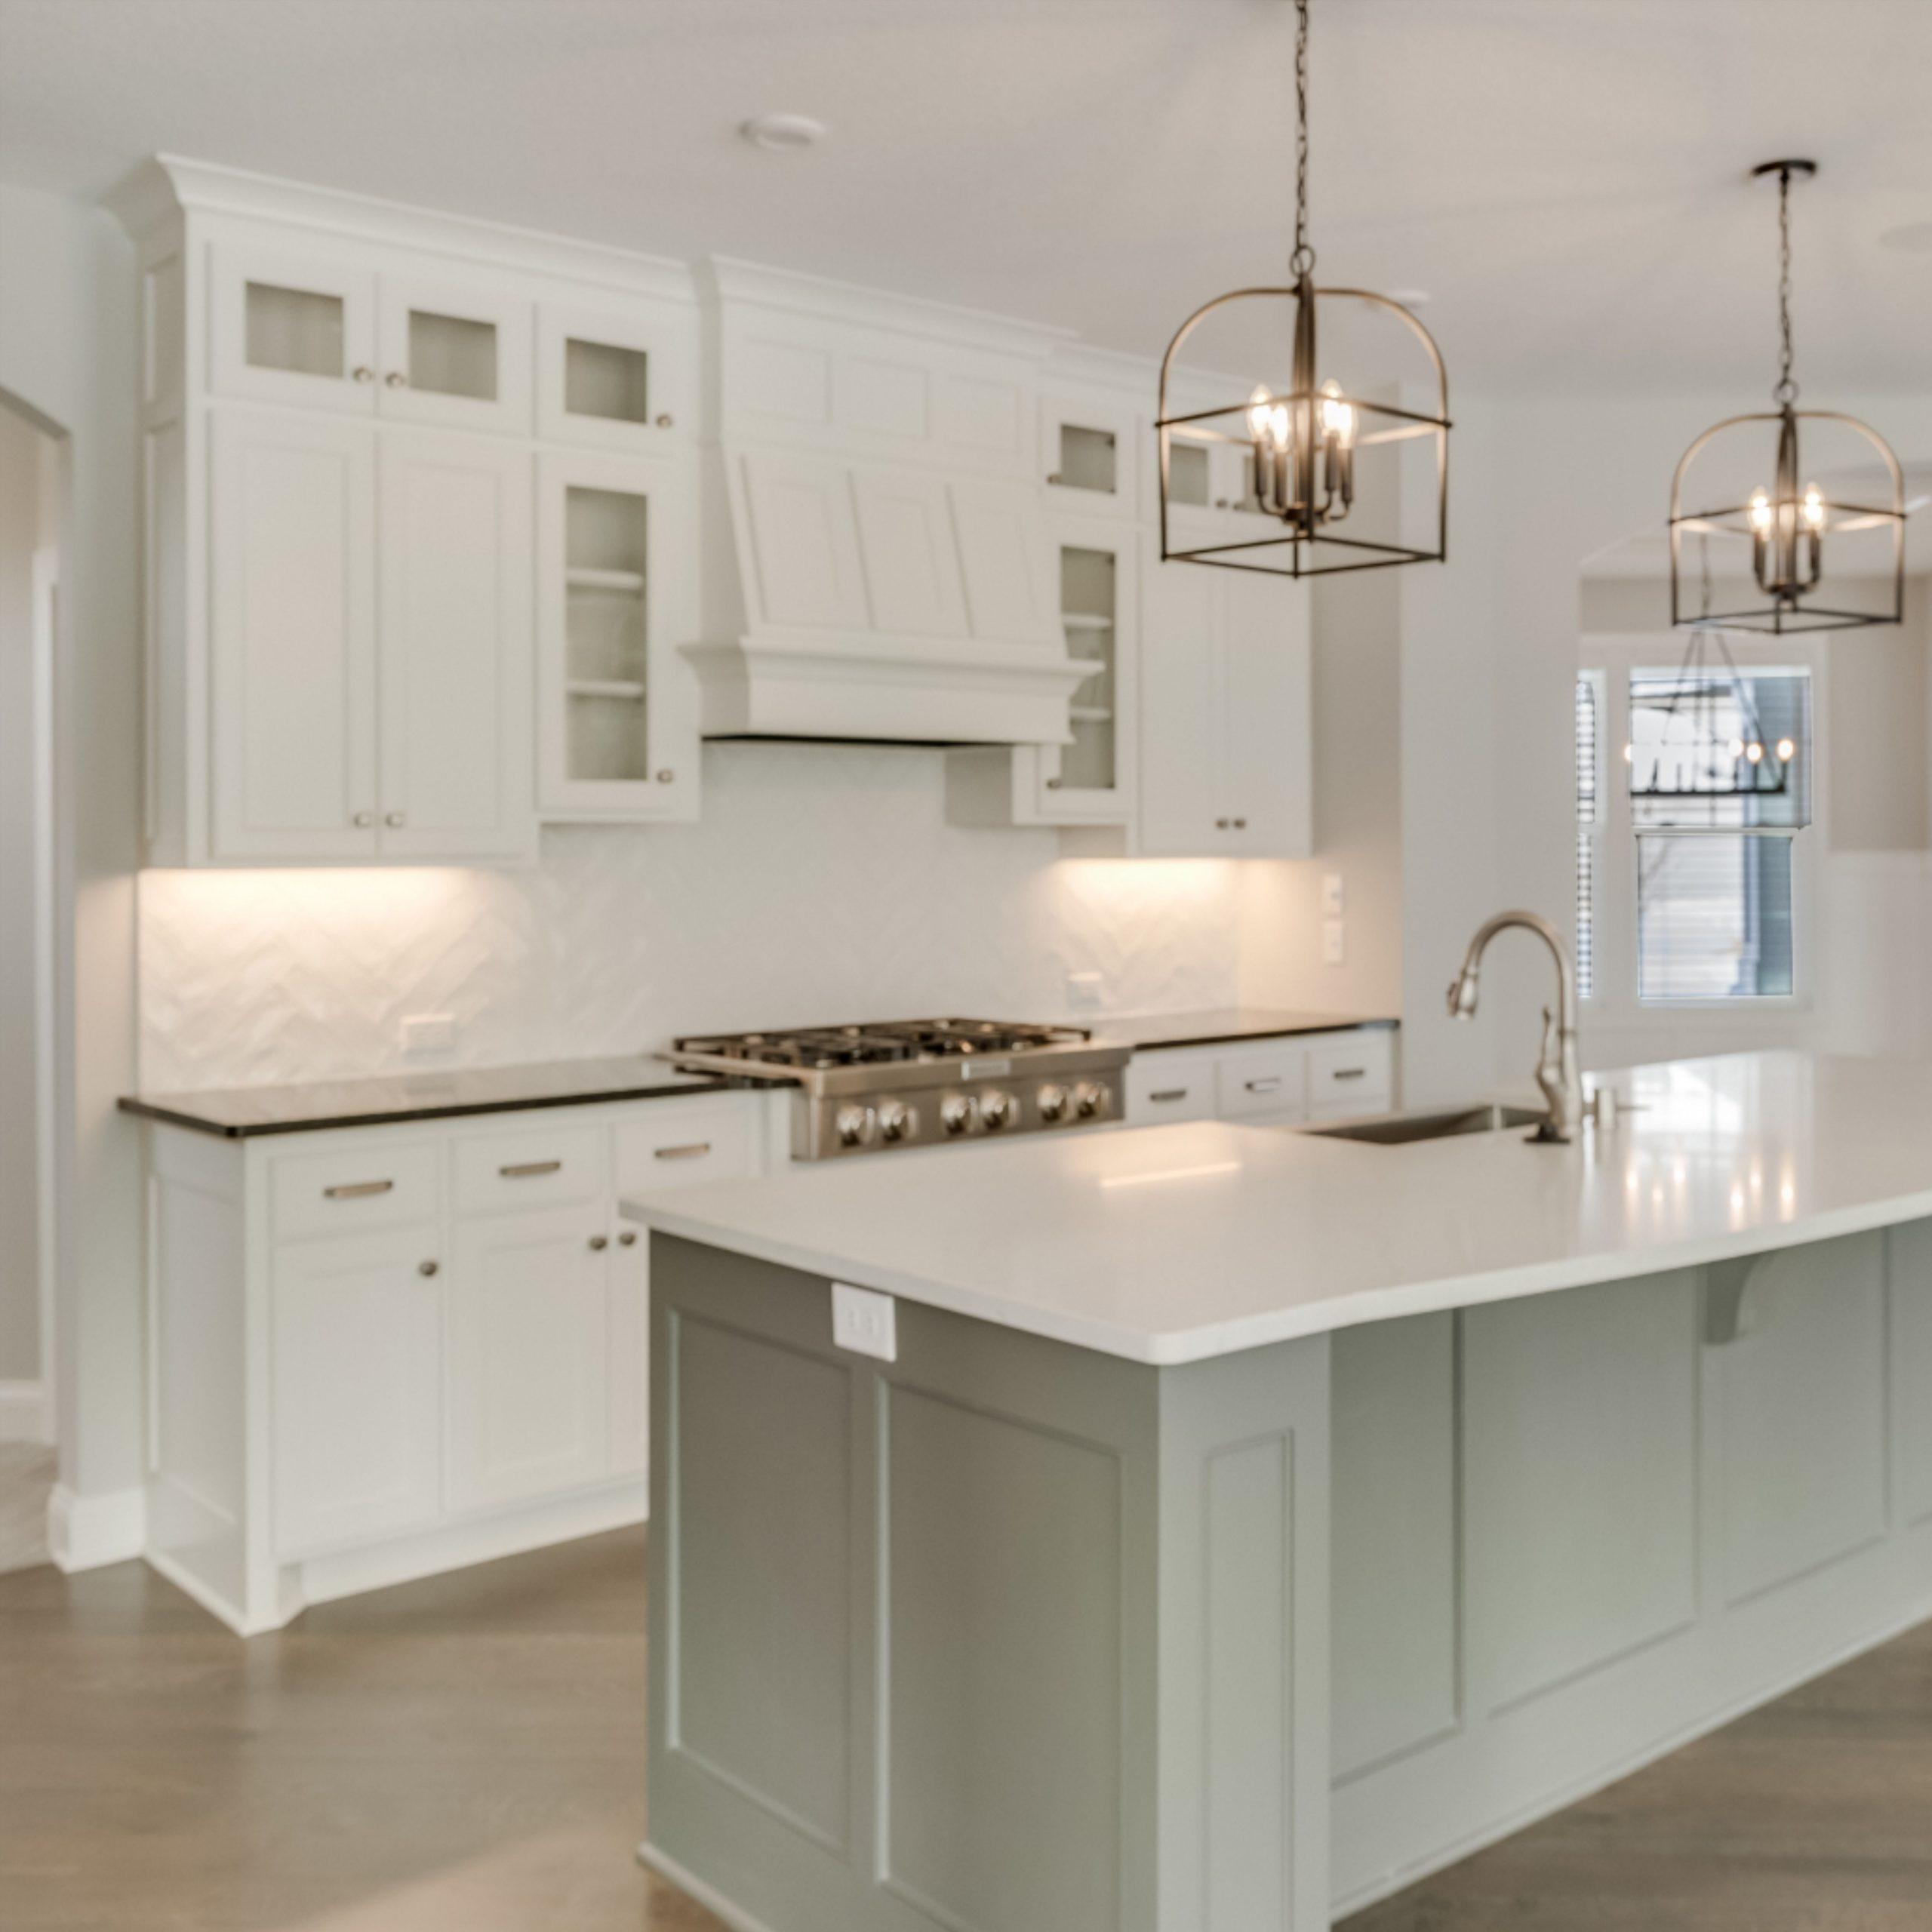 Hanson Builders - Kitchen in 11  Kitchen builder, Kitchen  - Hanson Kitchen Cabinets